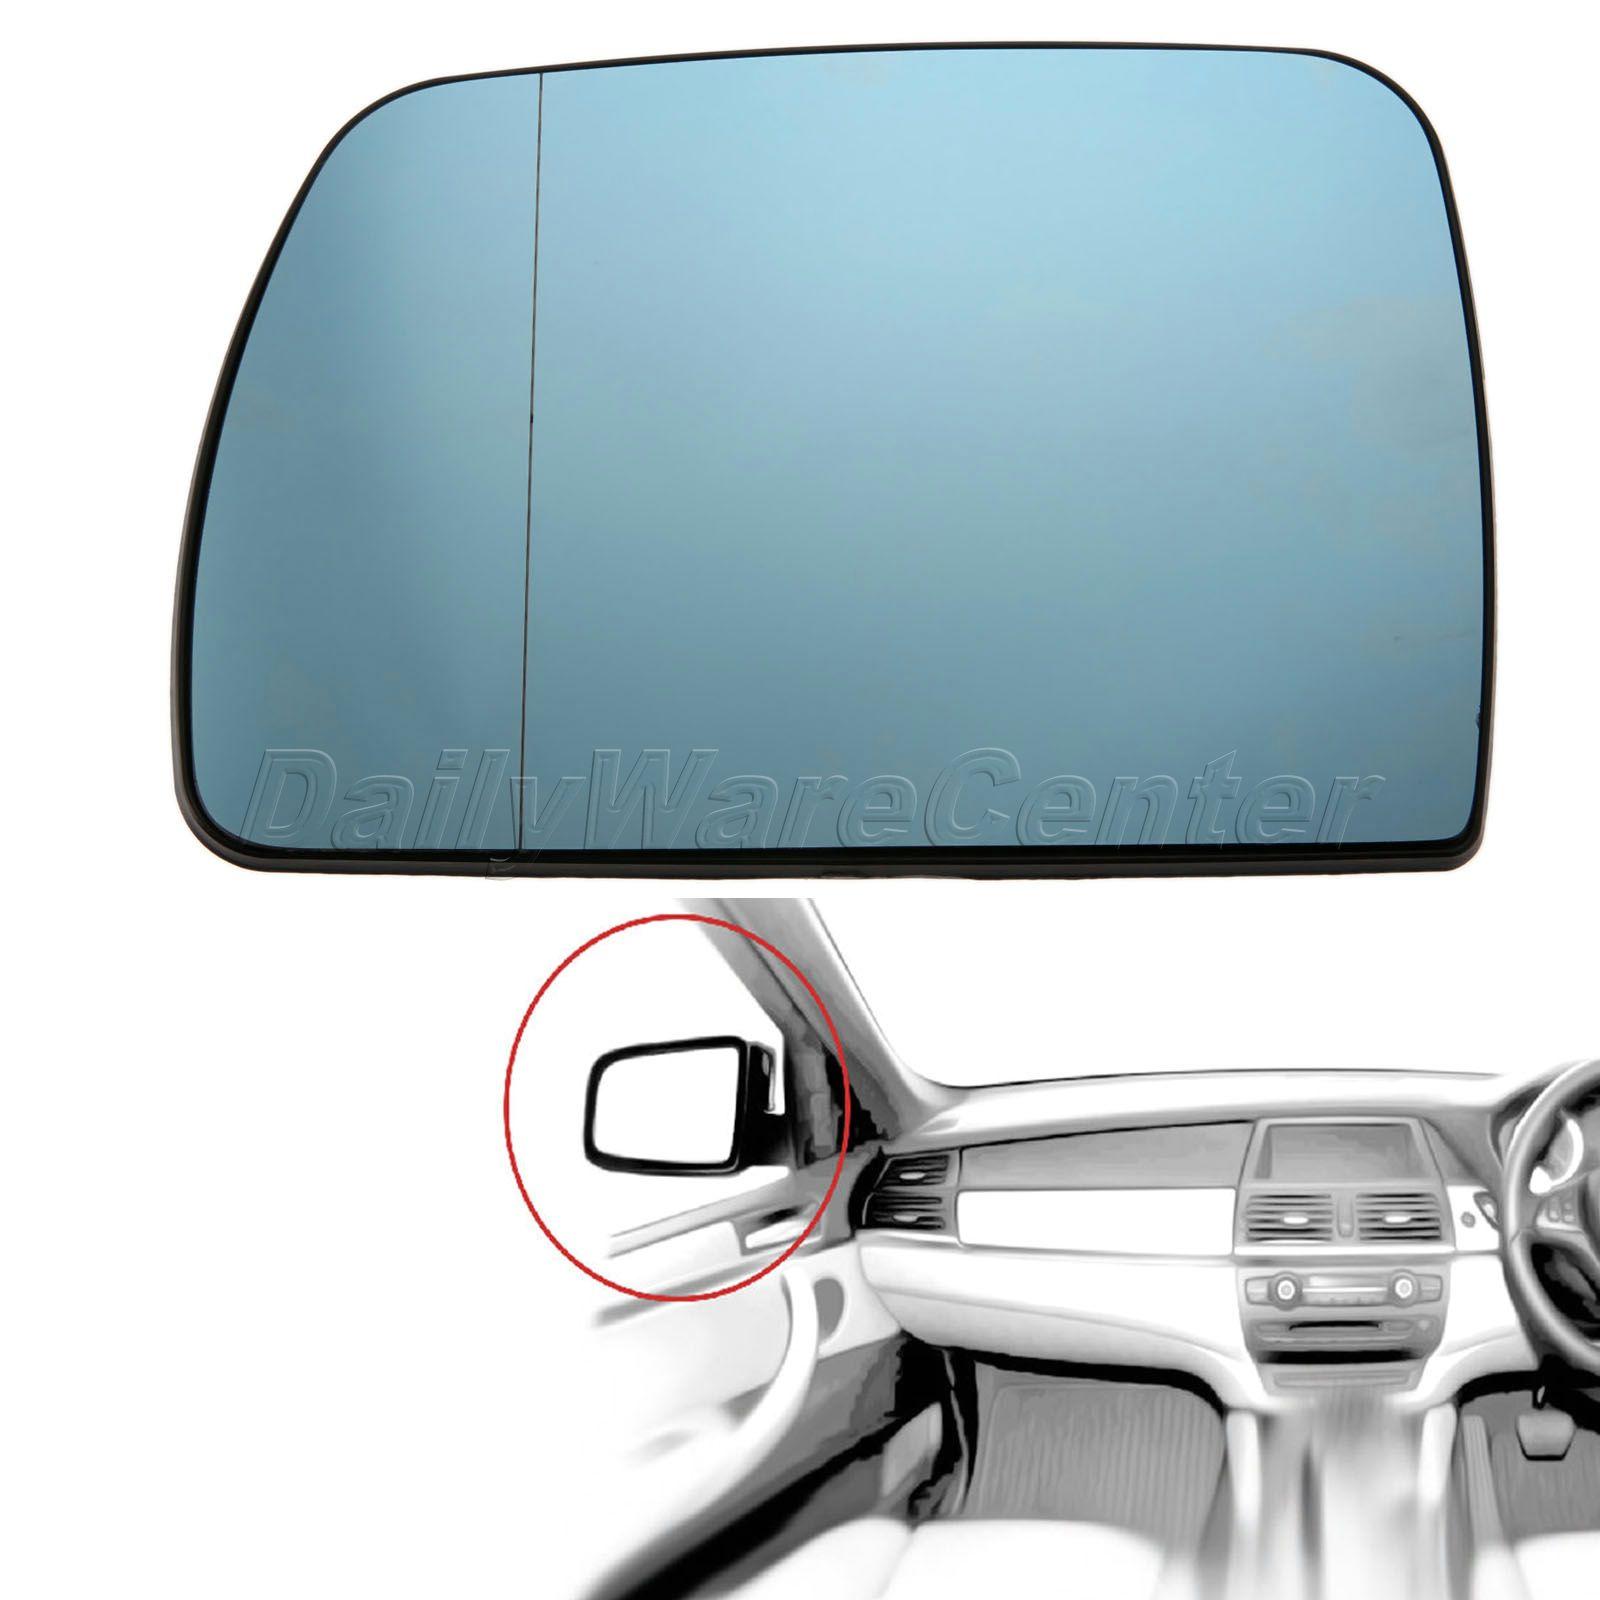 Bmw Z3 Wing Mirror Mount: המראה ומכסה פשוט לקנות באלי אקספרס בעברית